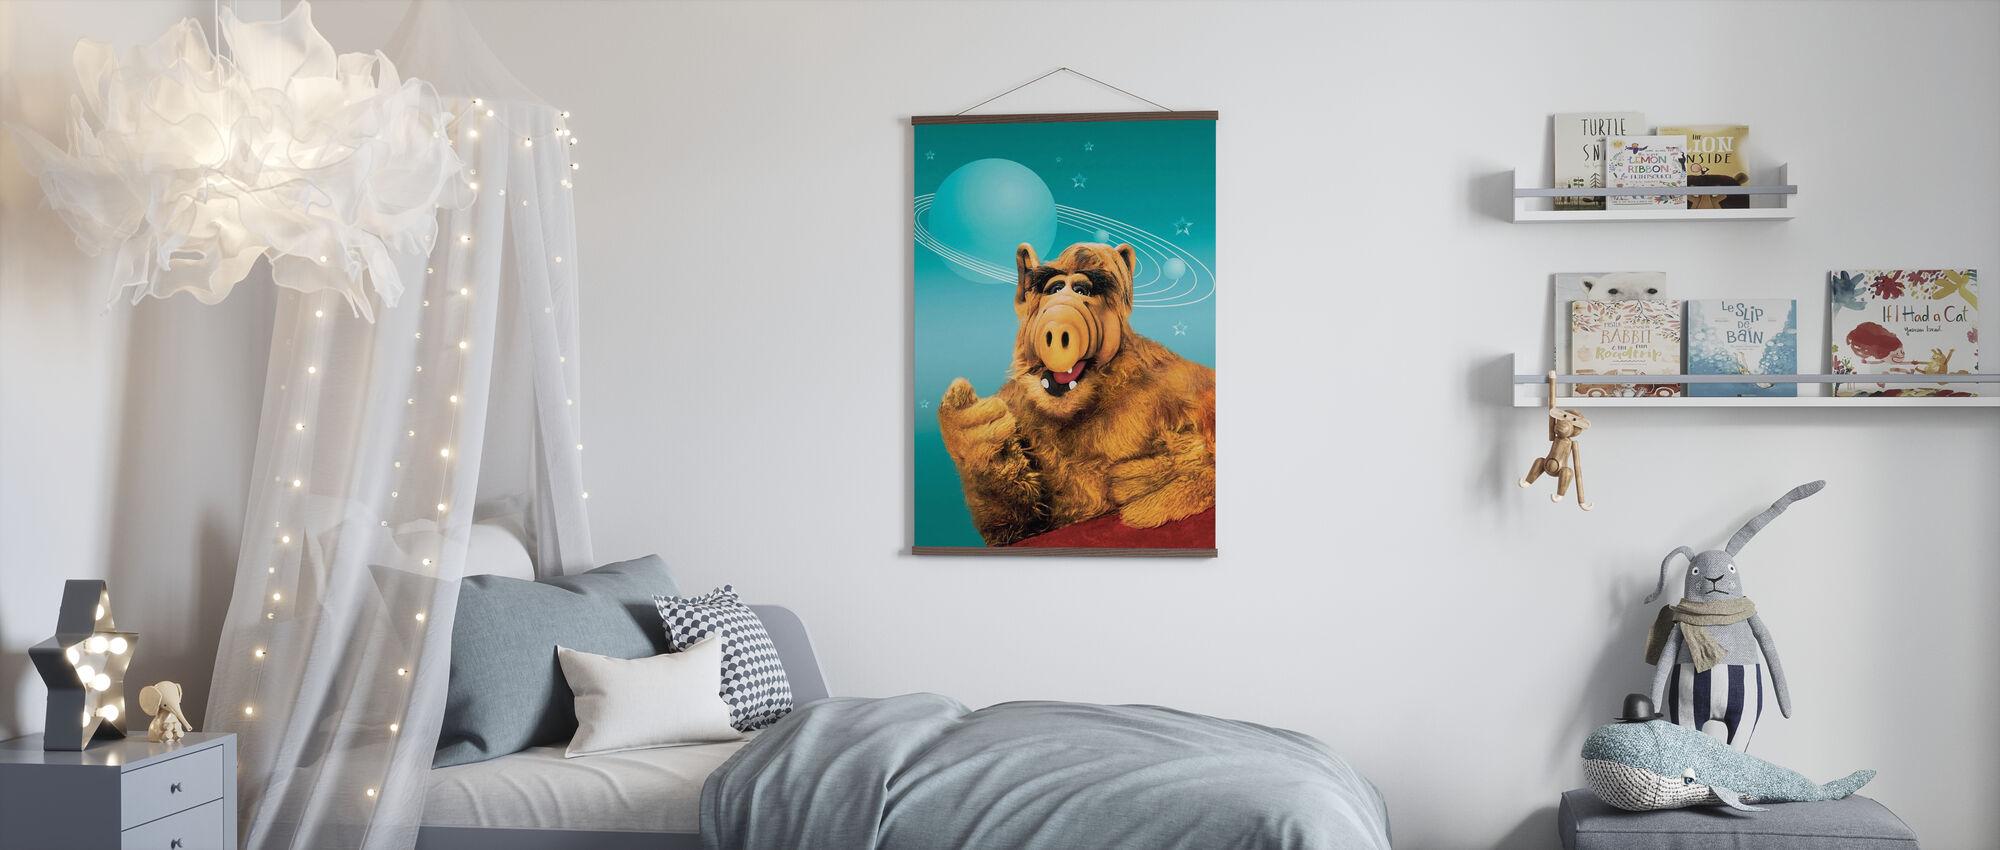 Alf - Paul Fusco en Tom Patchett - Poster - Kinderkamer